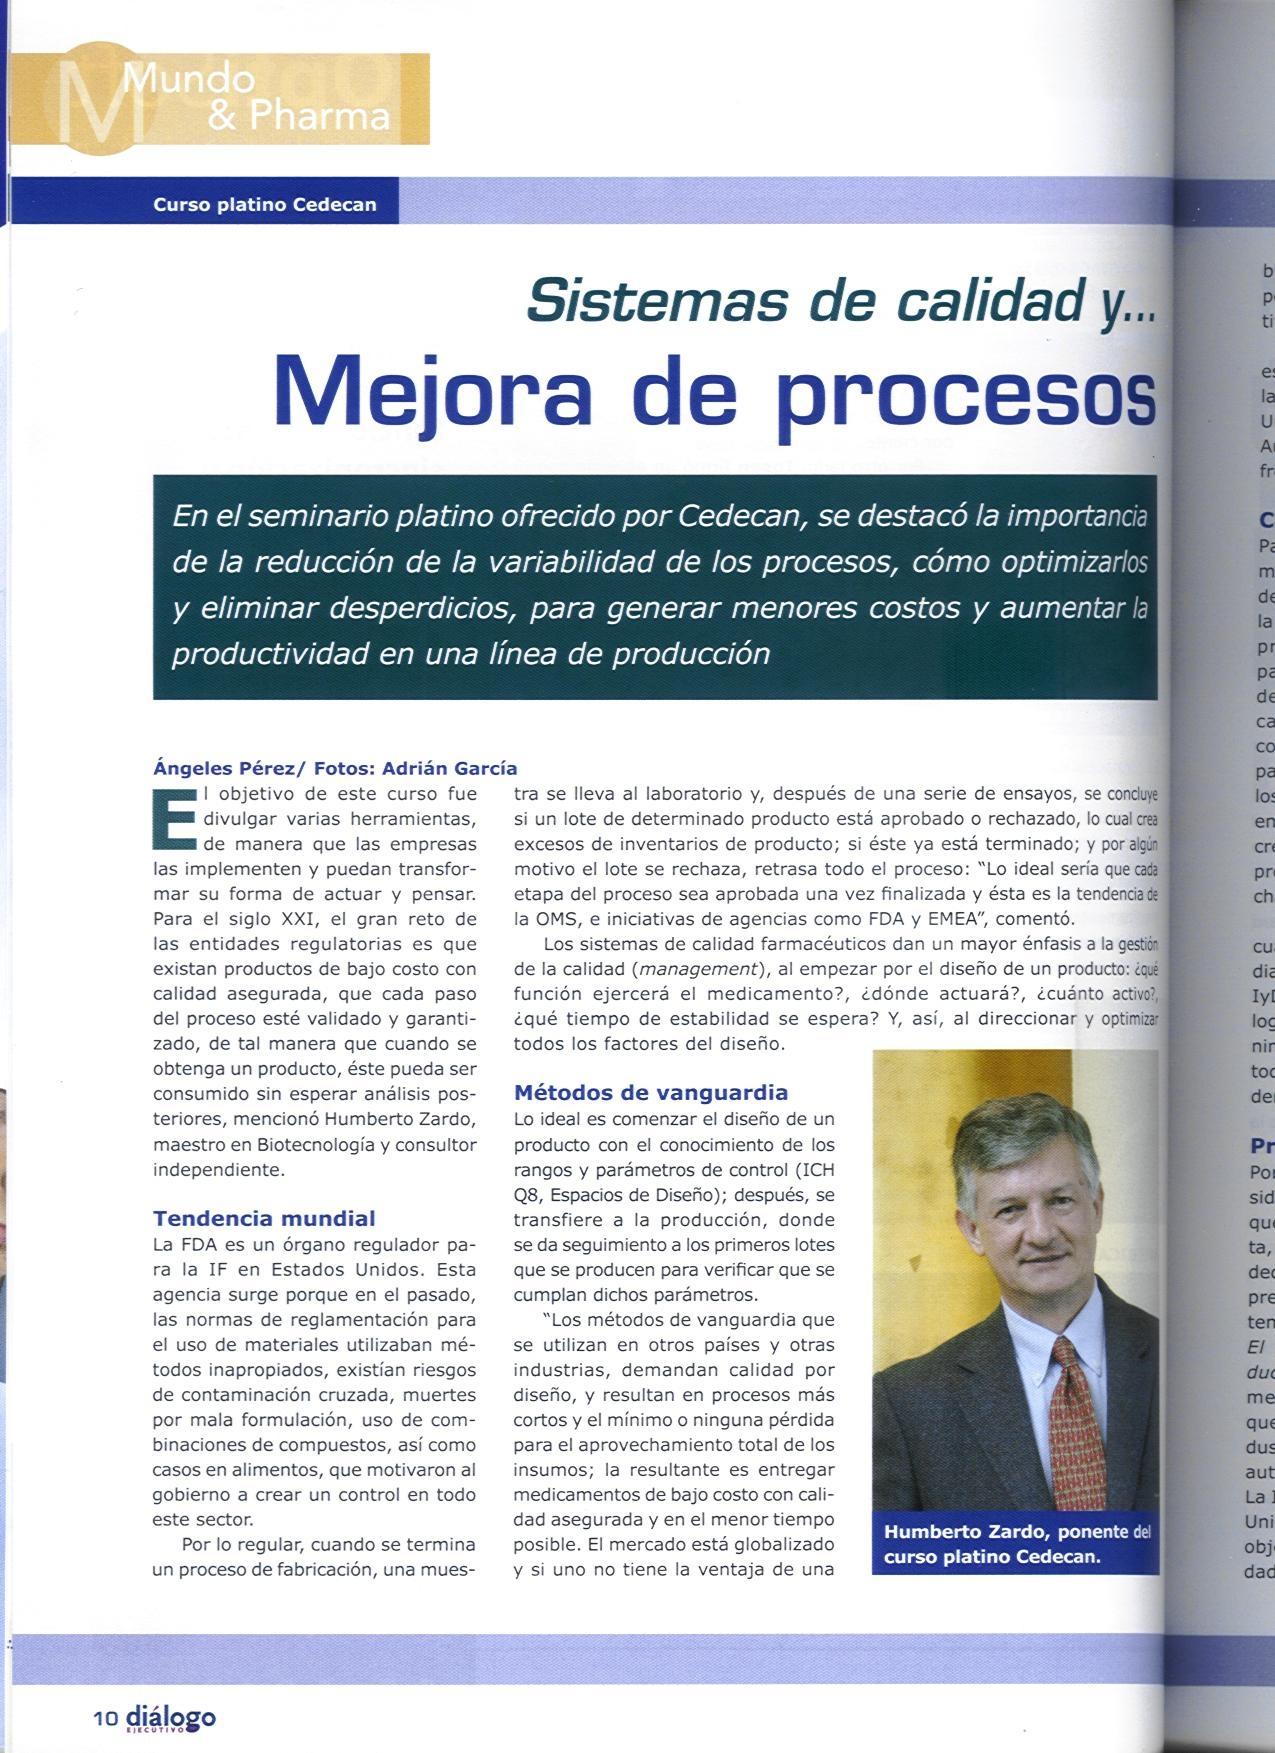 Pharma MX - nov-08 -pg1.